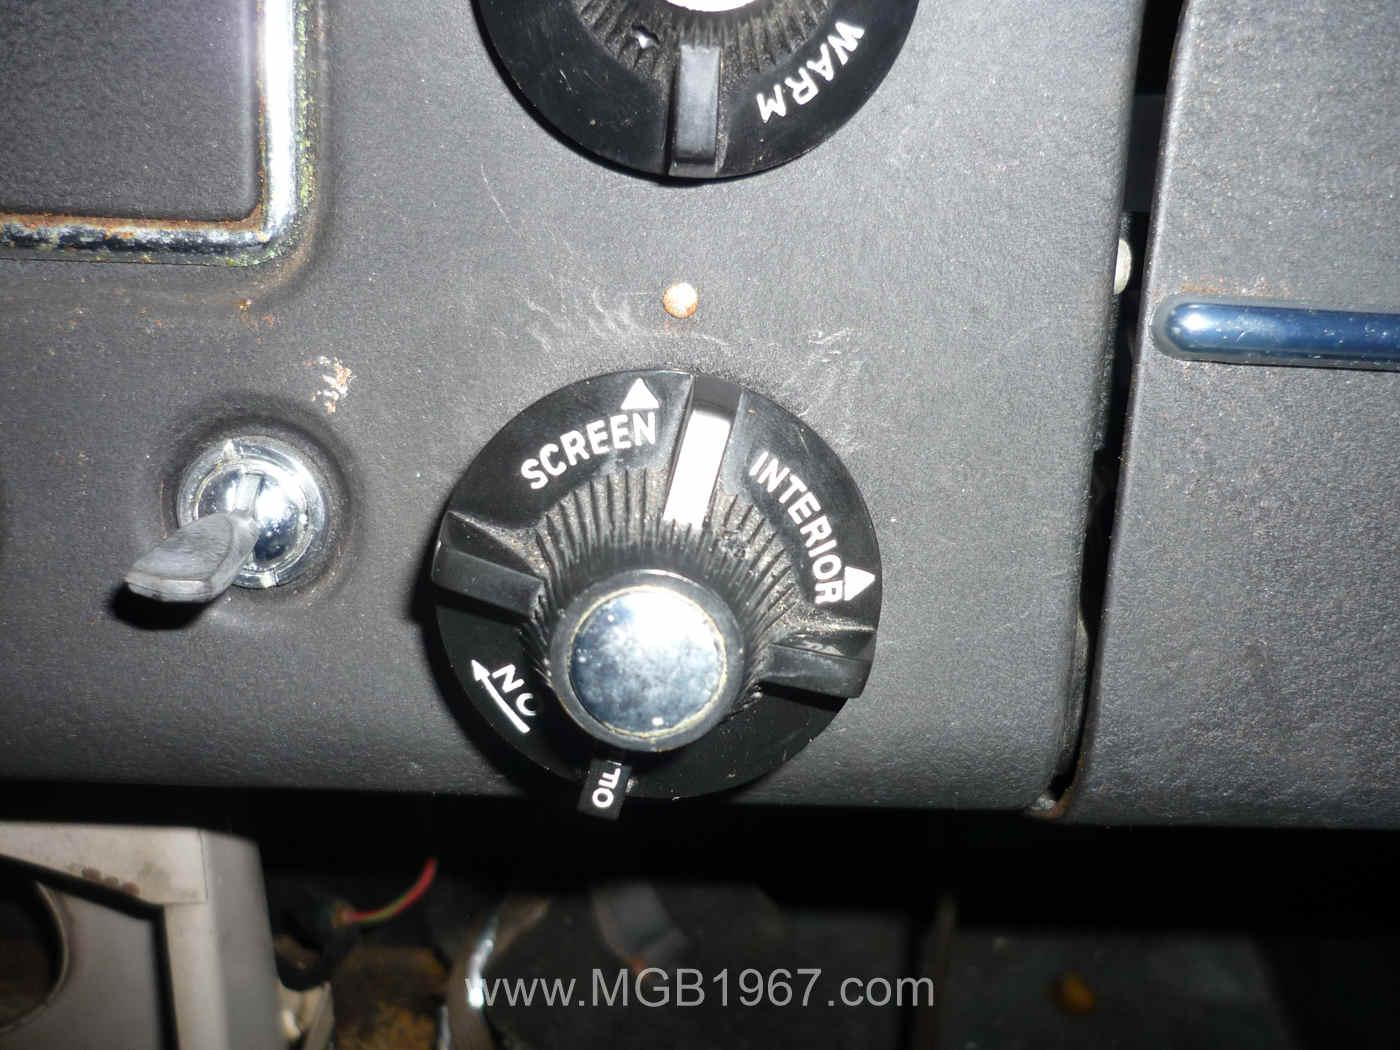 1967 MGB heater control knob | 1967 MGB GT